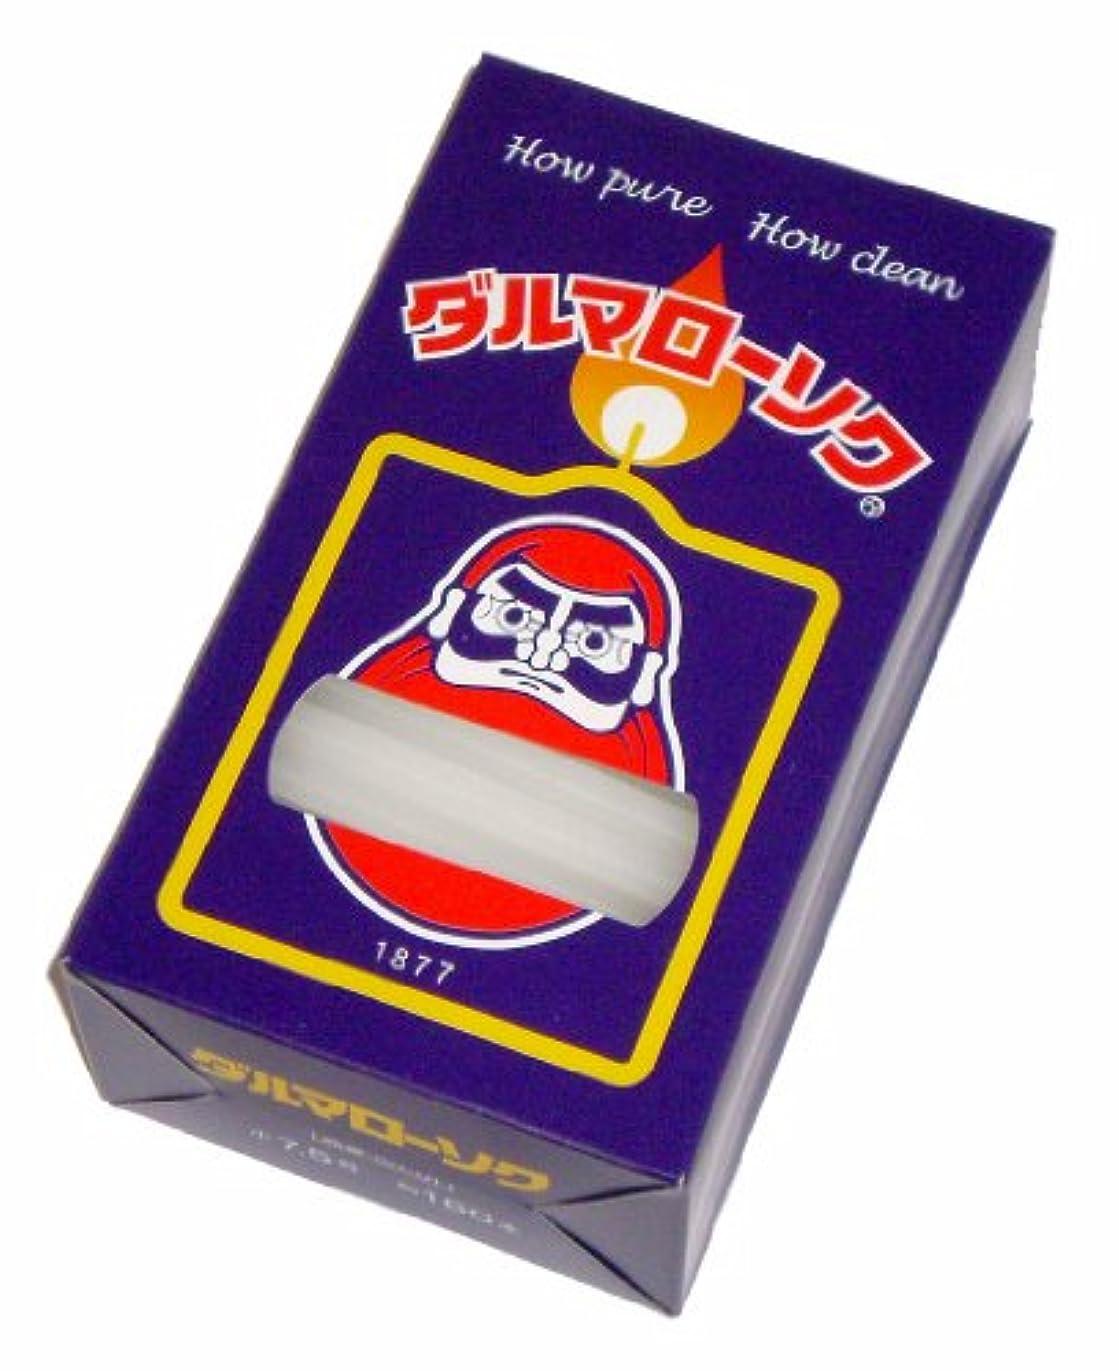 アドバイス付き添い人統治可能東海製蝋のろうそく ダルマ 小7.5号/160本入450g